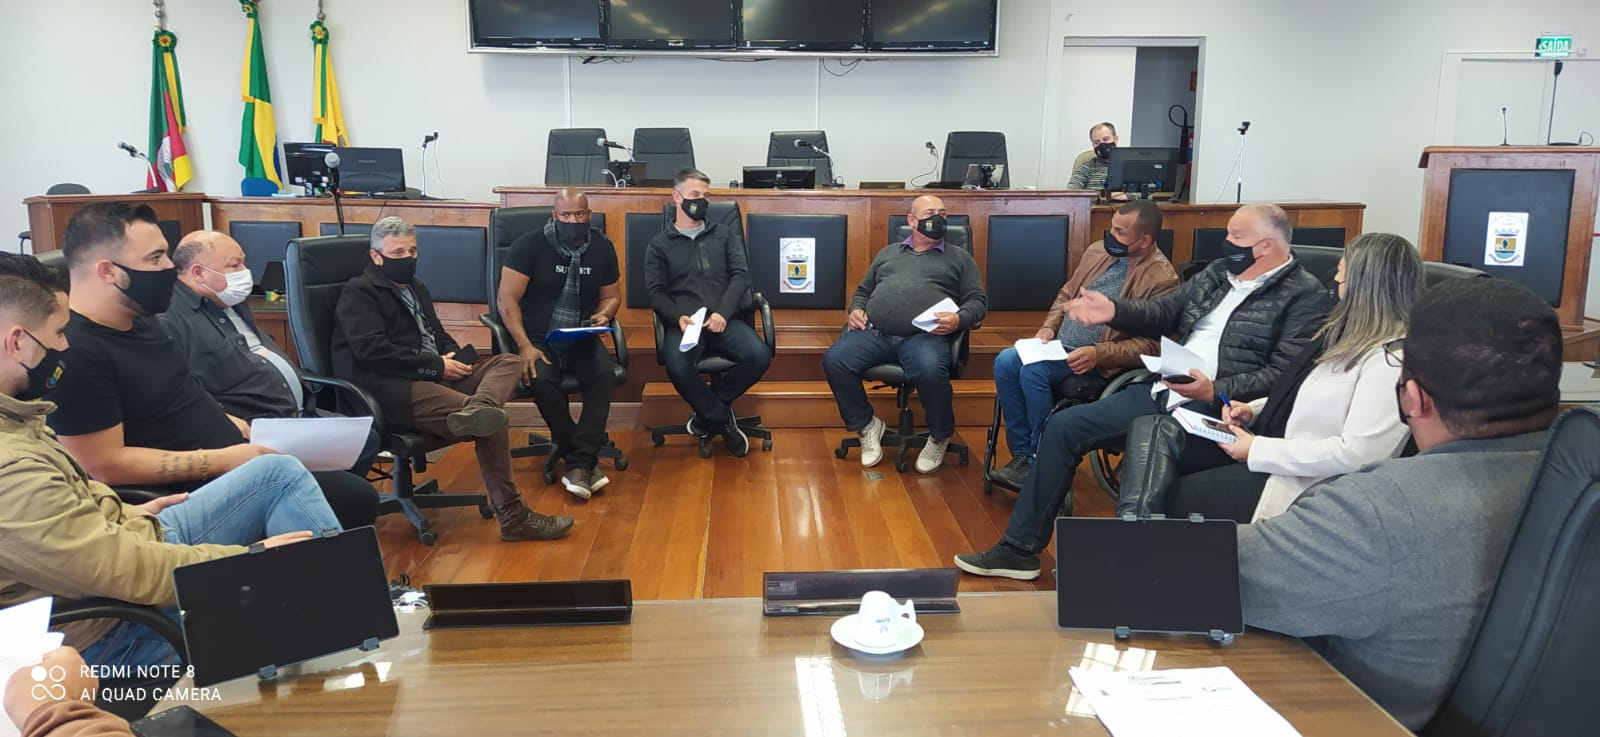 Atividades Esportivas – Frente Parlamentar do Esporte realiza reunião com diretoria de esportes